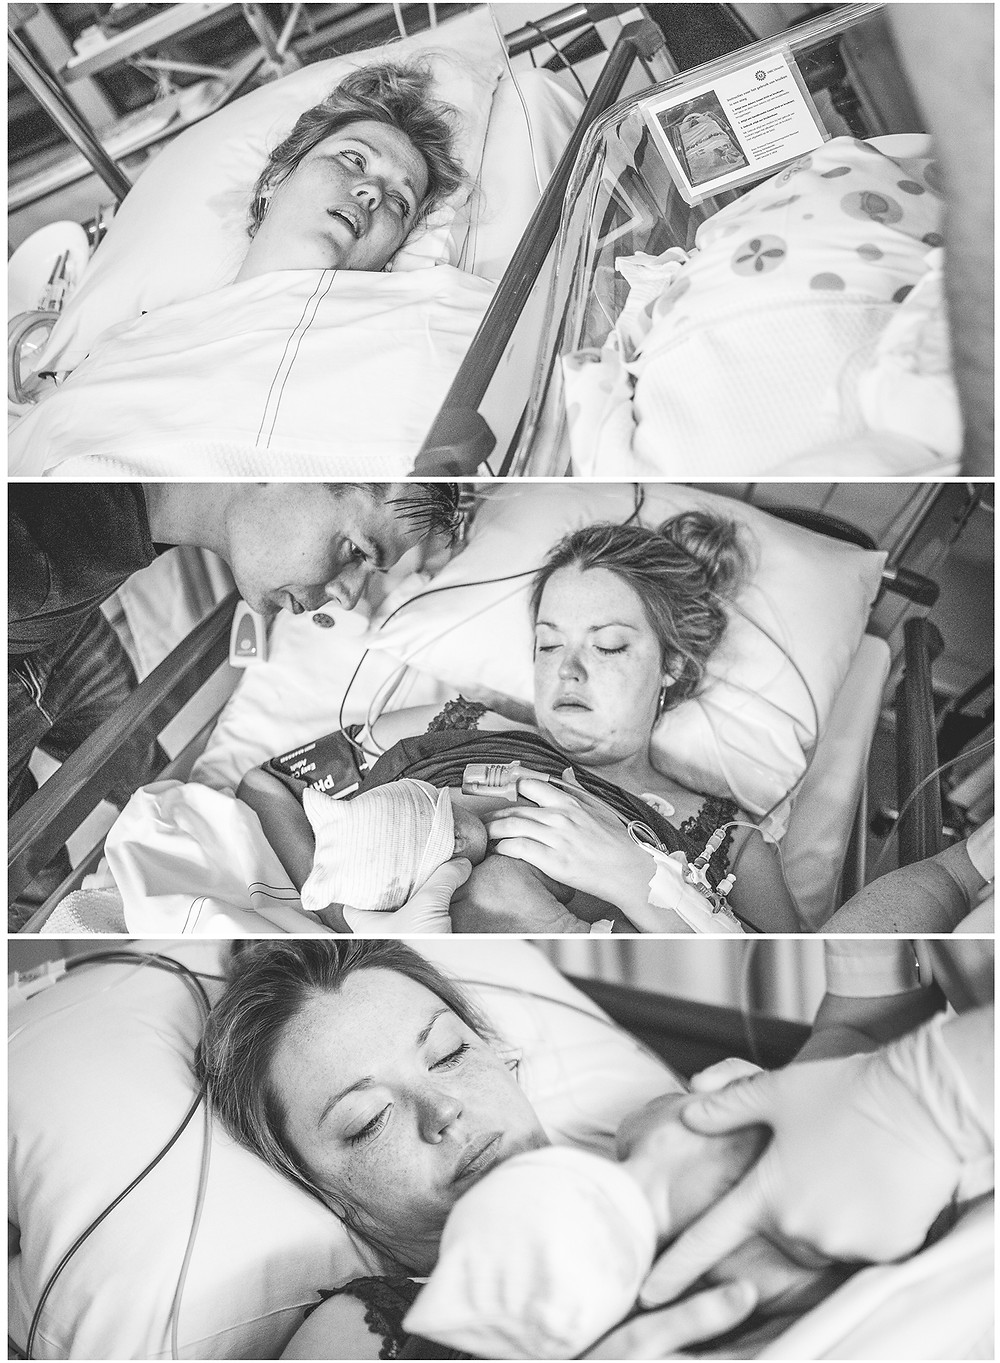 Geboorte fotografie, bevalling, Wilhelmina kinderziekenhuis, baby, weeen, pappa, mamma, keizersnede, sectio, spoed, narcose